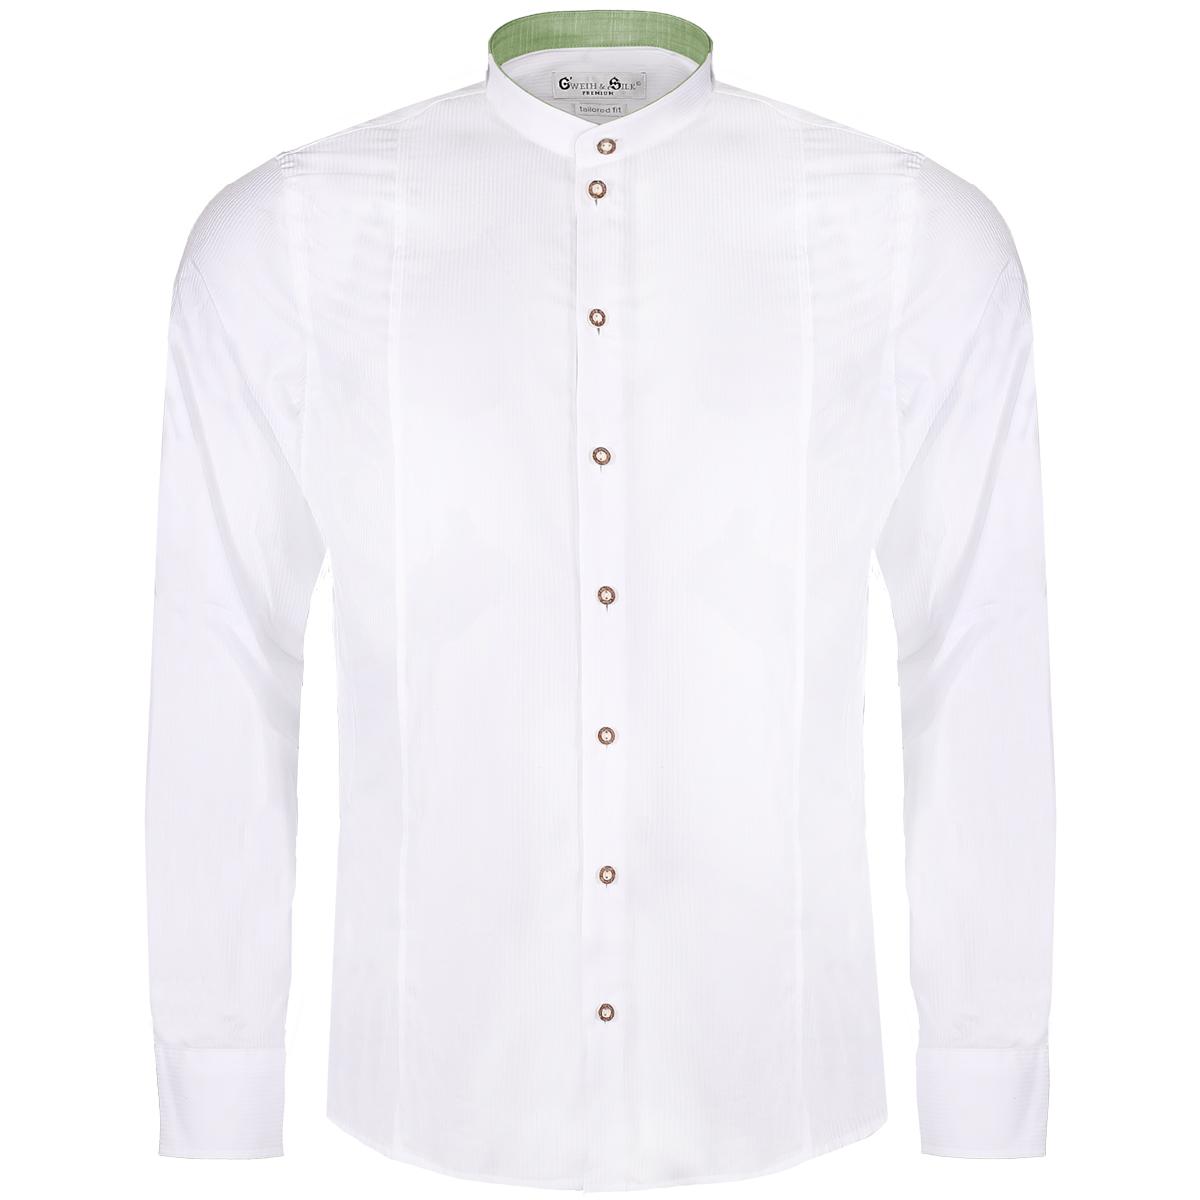 Trachtenhemd Body Fit Achersee zweifarbig in Weiß und Grün von Gweih und Silk günstig online kaufen